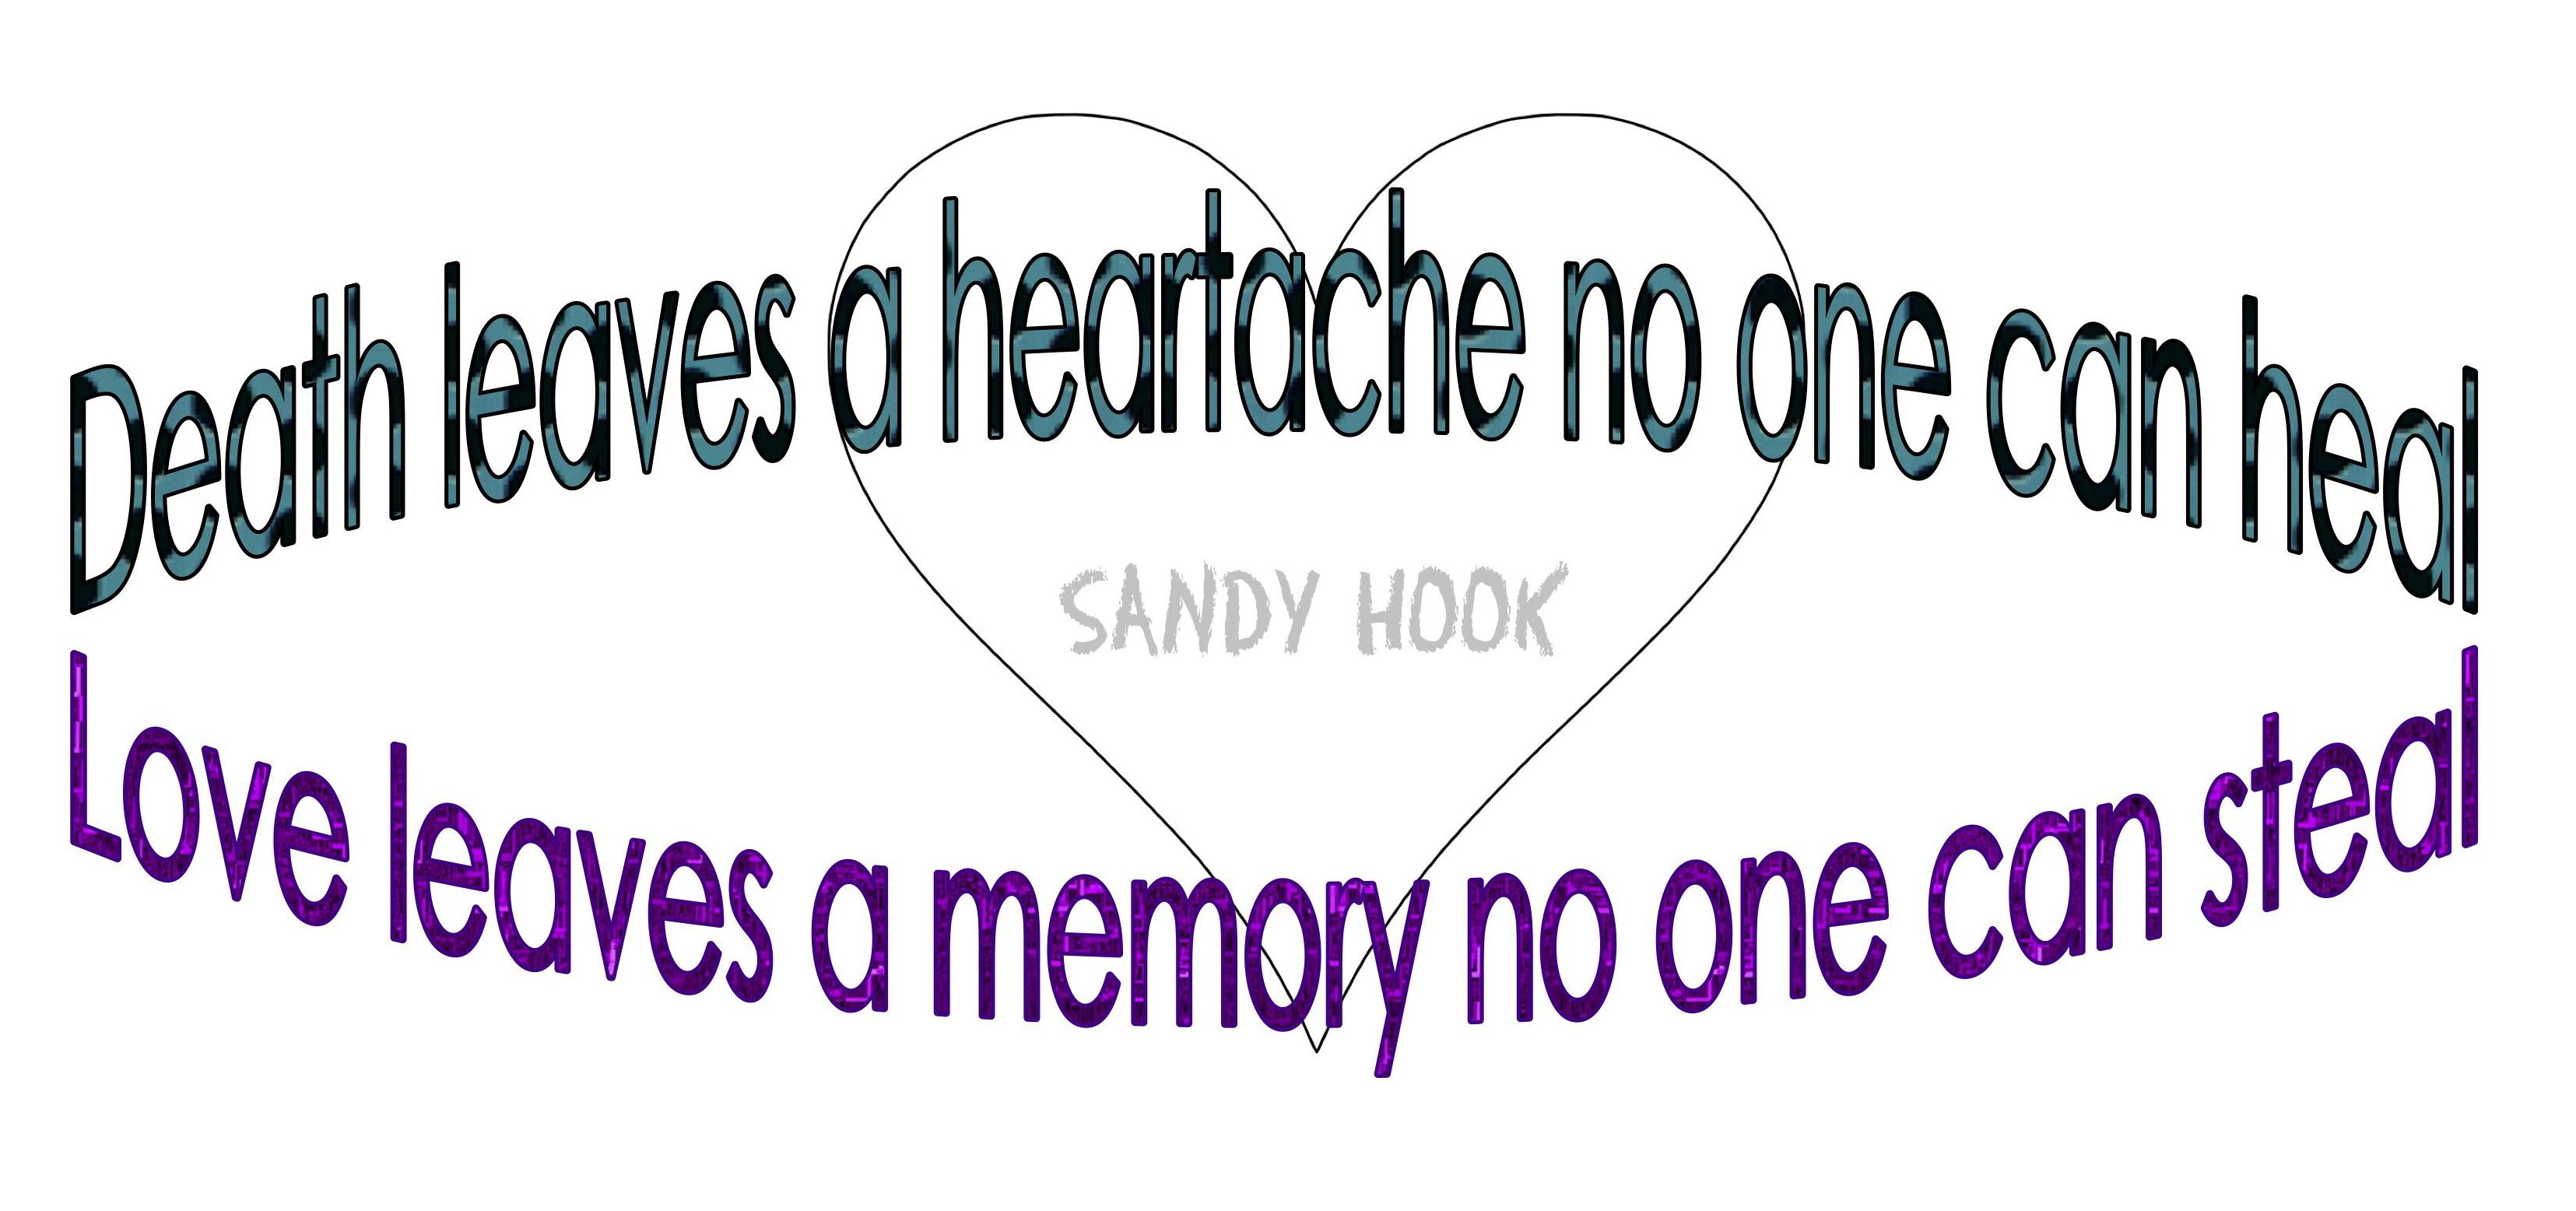 For Sandy Hook